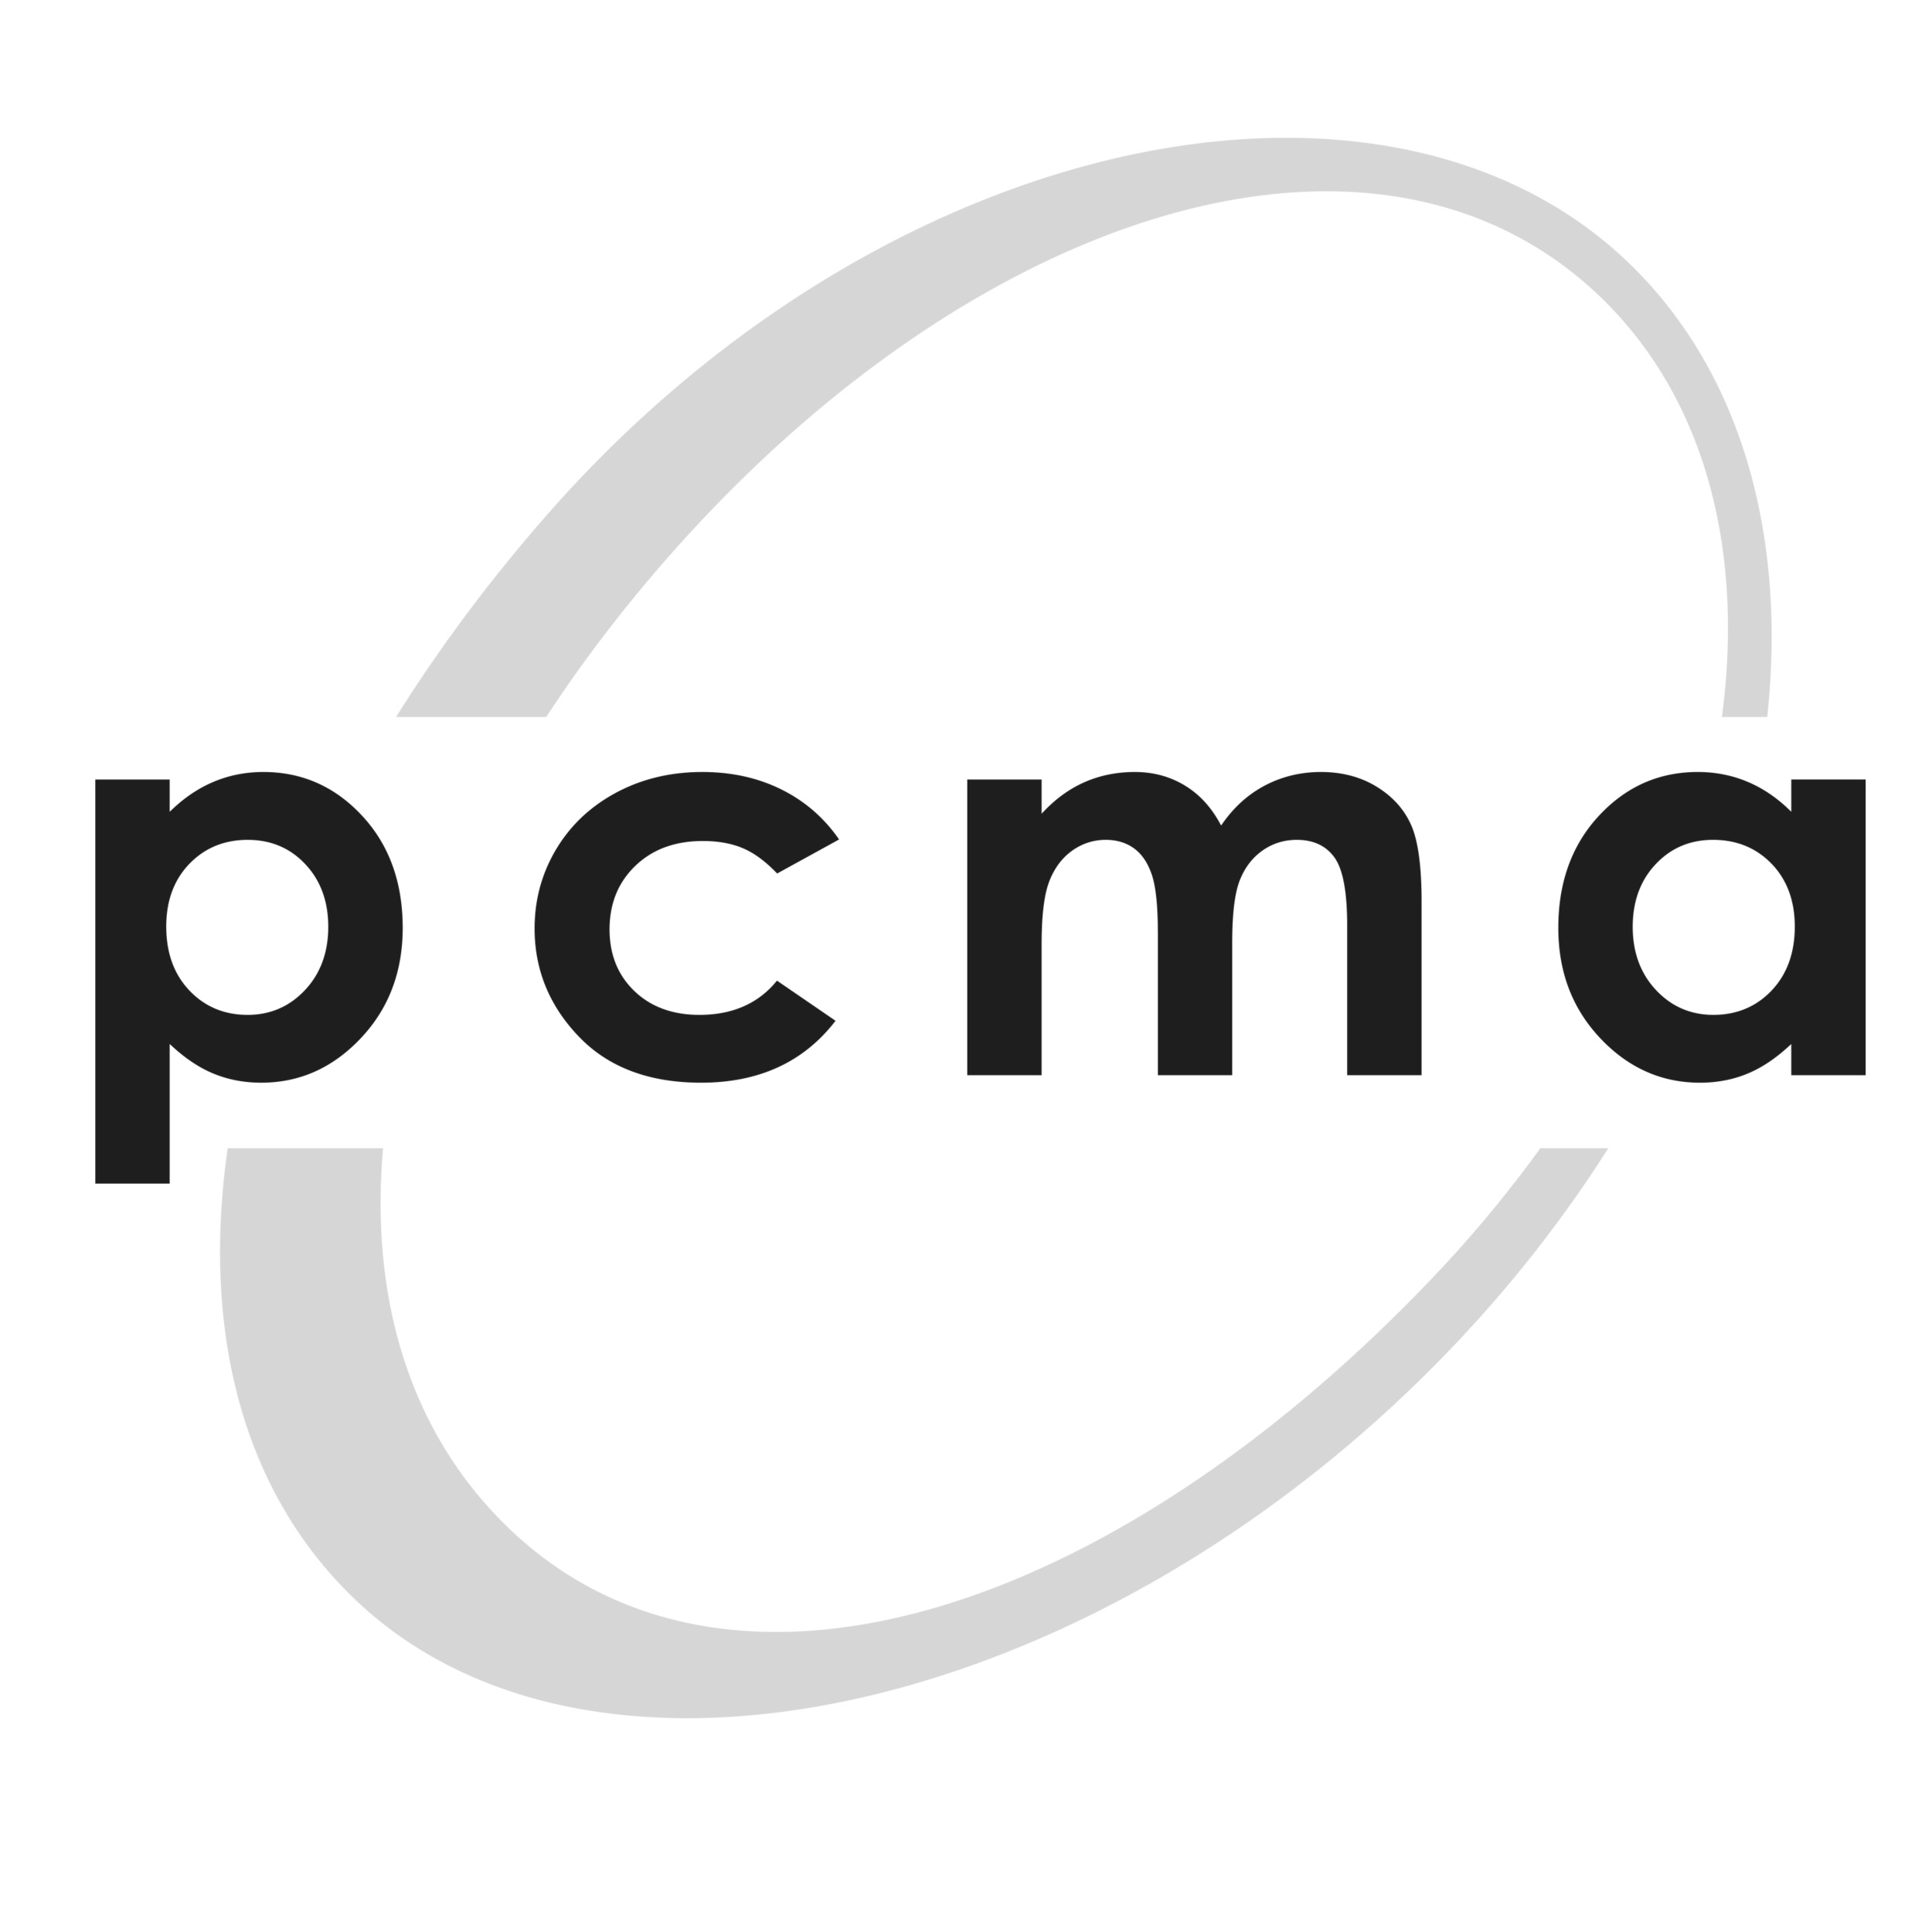 PCMA*